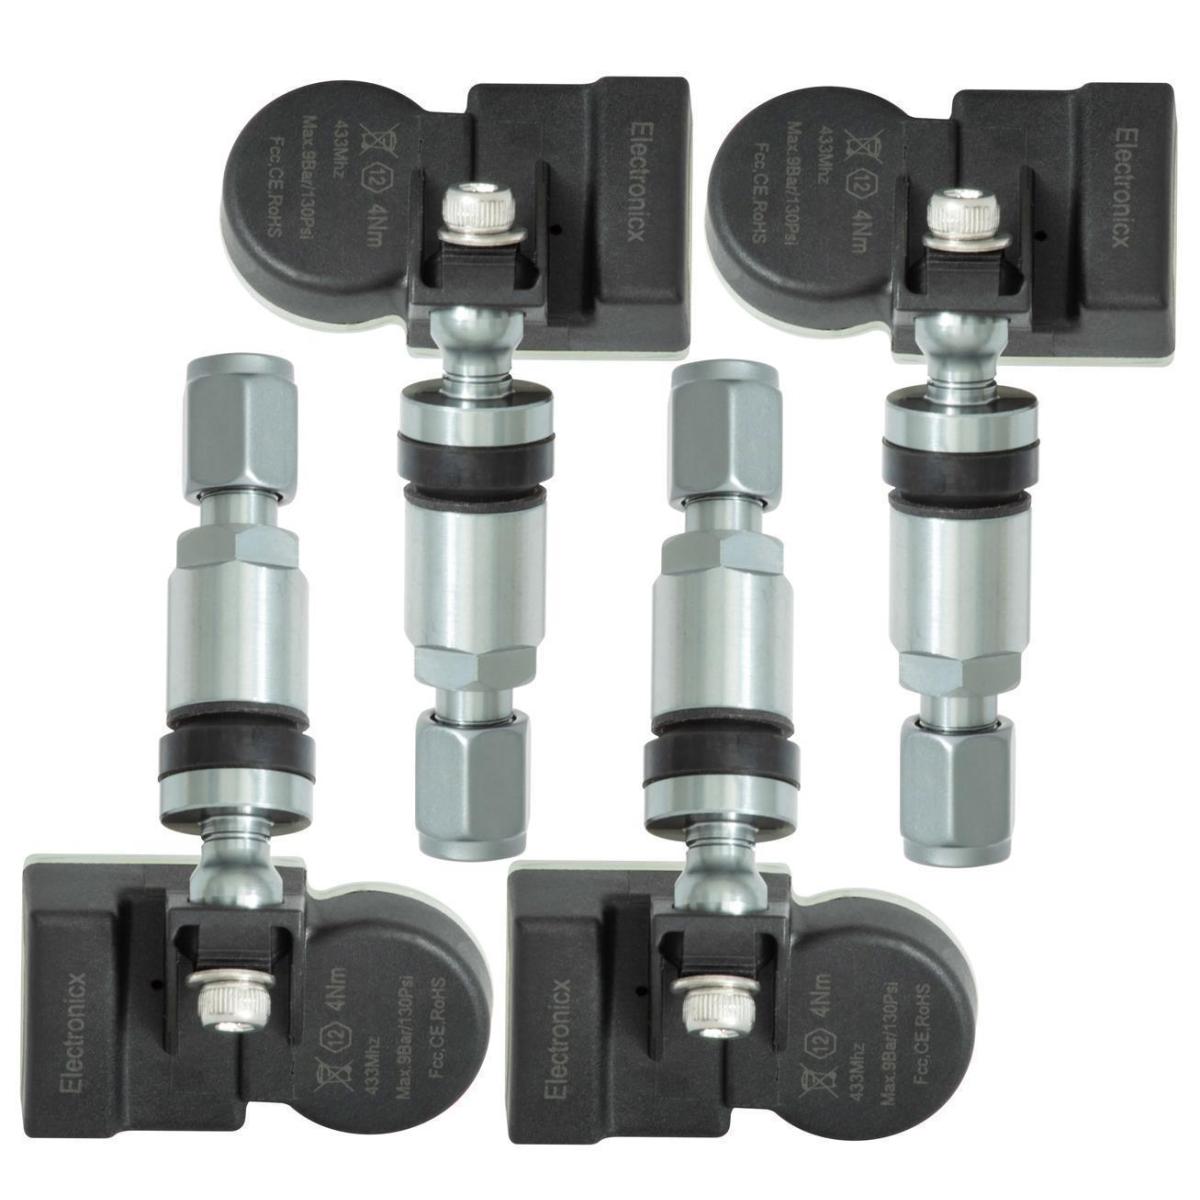 Reifendrucksensoren RDKS Sensoren Metallventil Gunmetal für C Klasse CL C215 E Klasse W211